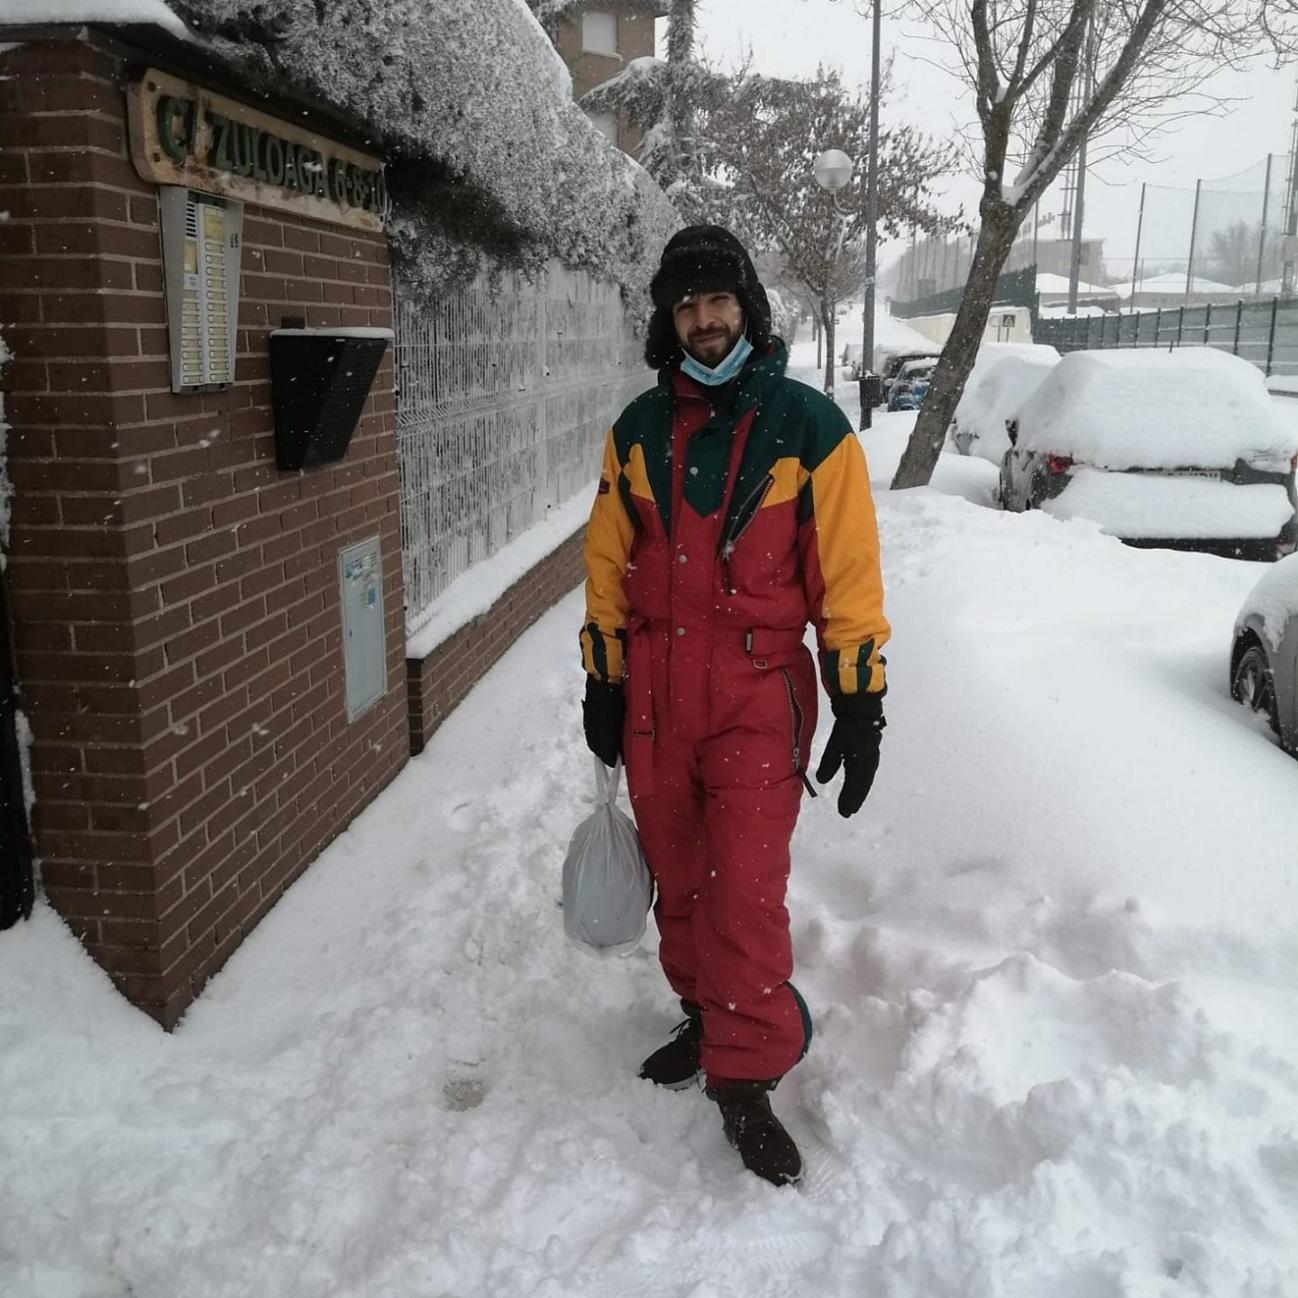 Puede ser una imagen de una persona, de pie, ropa de abrigo y nieve